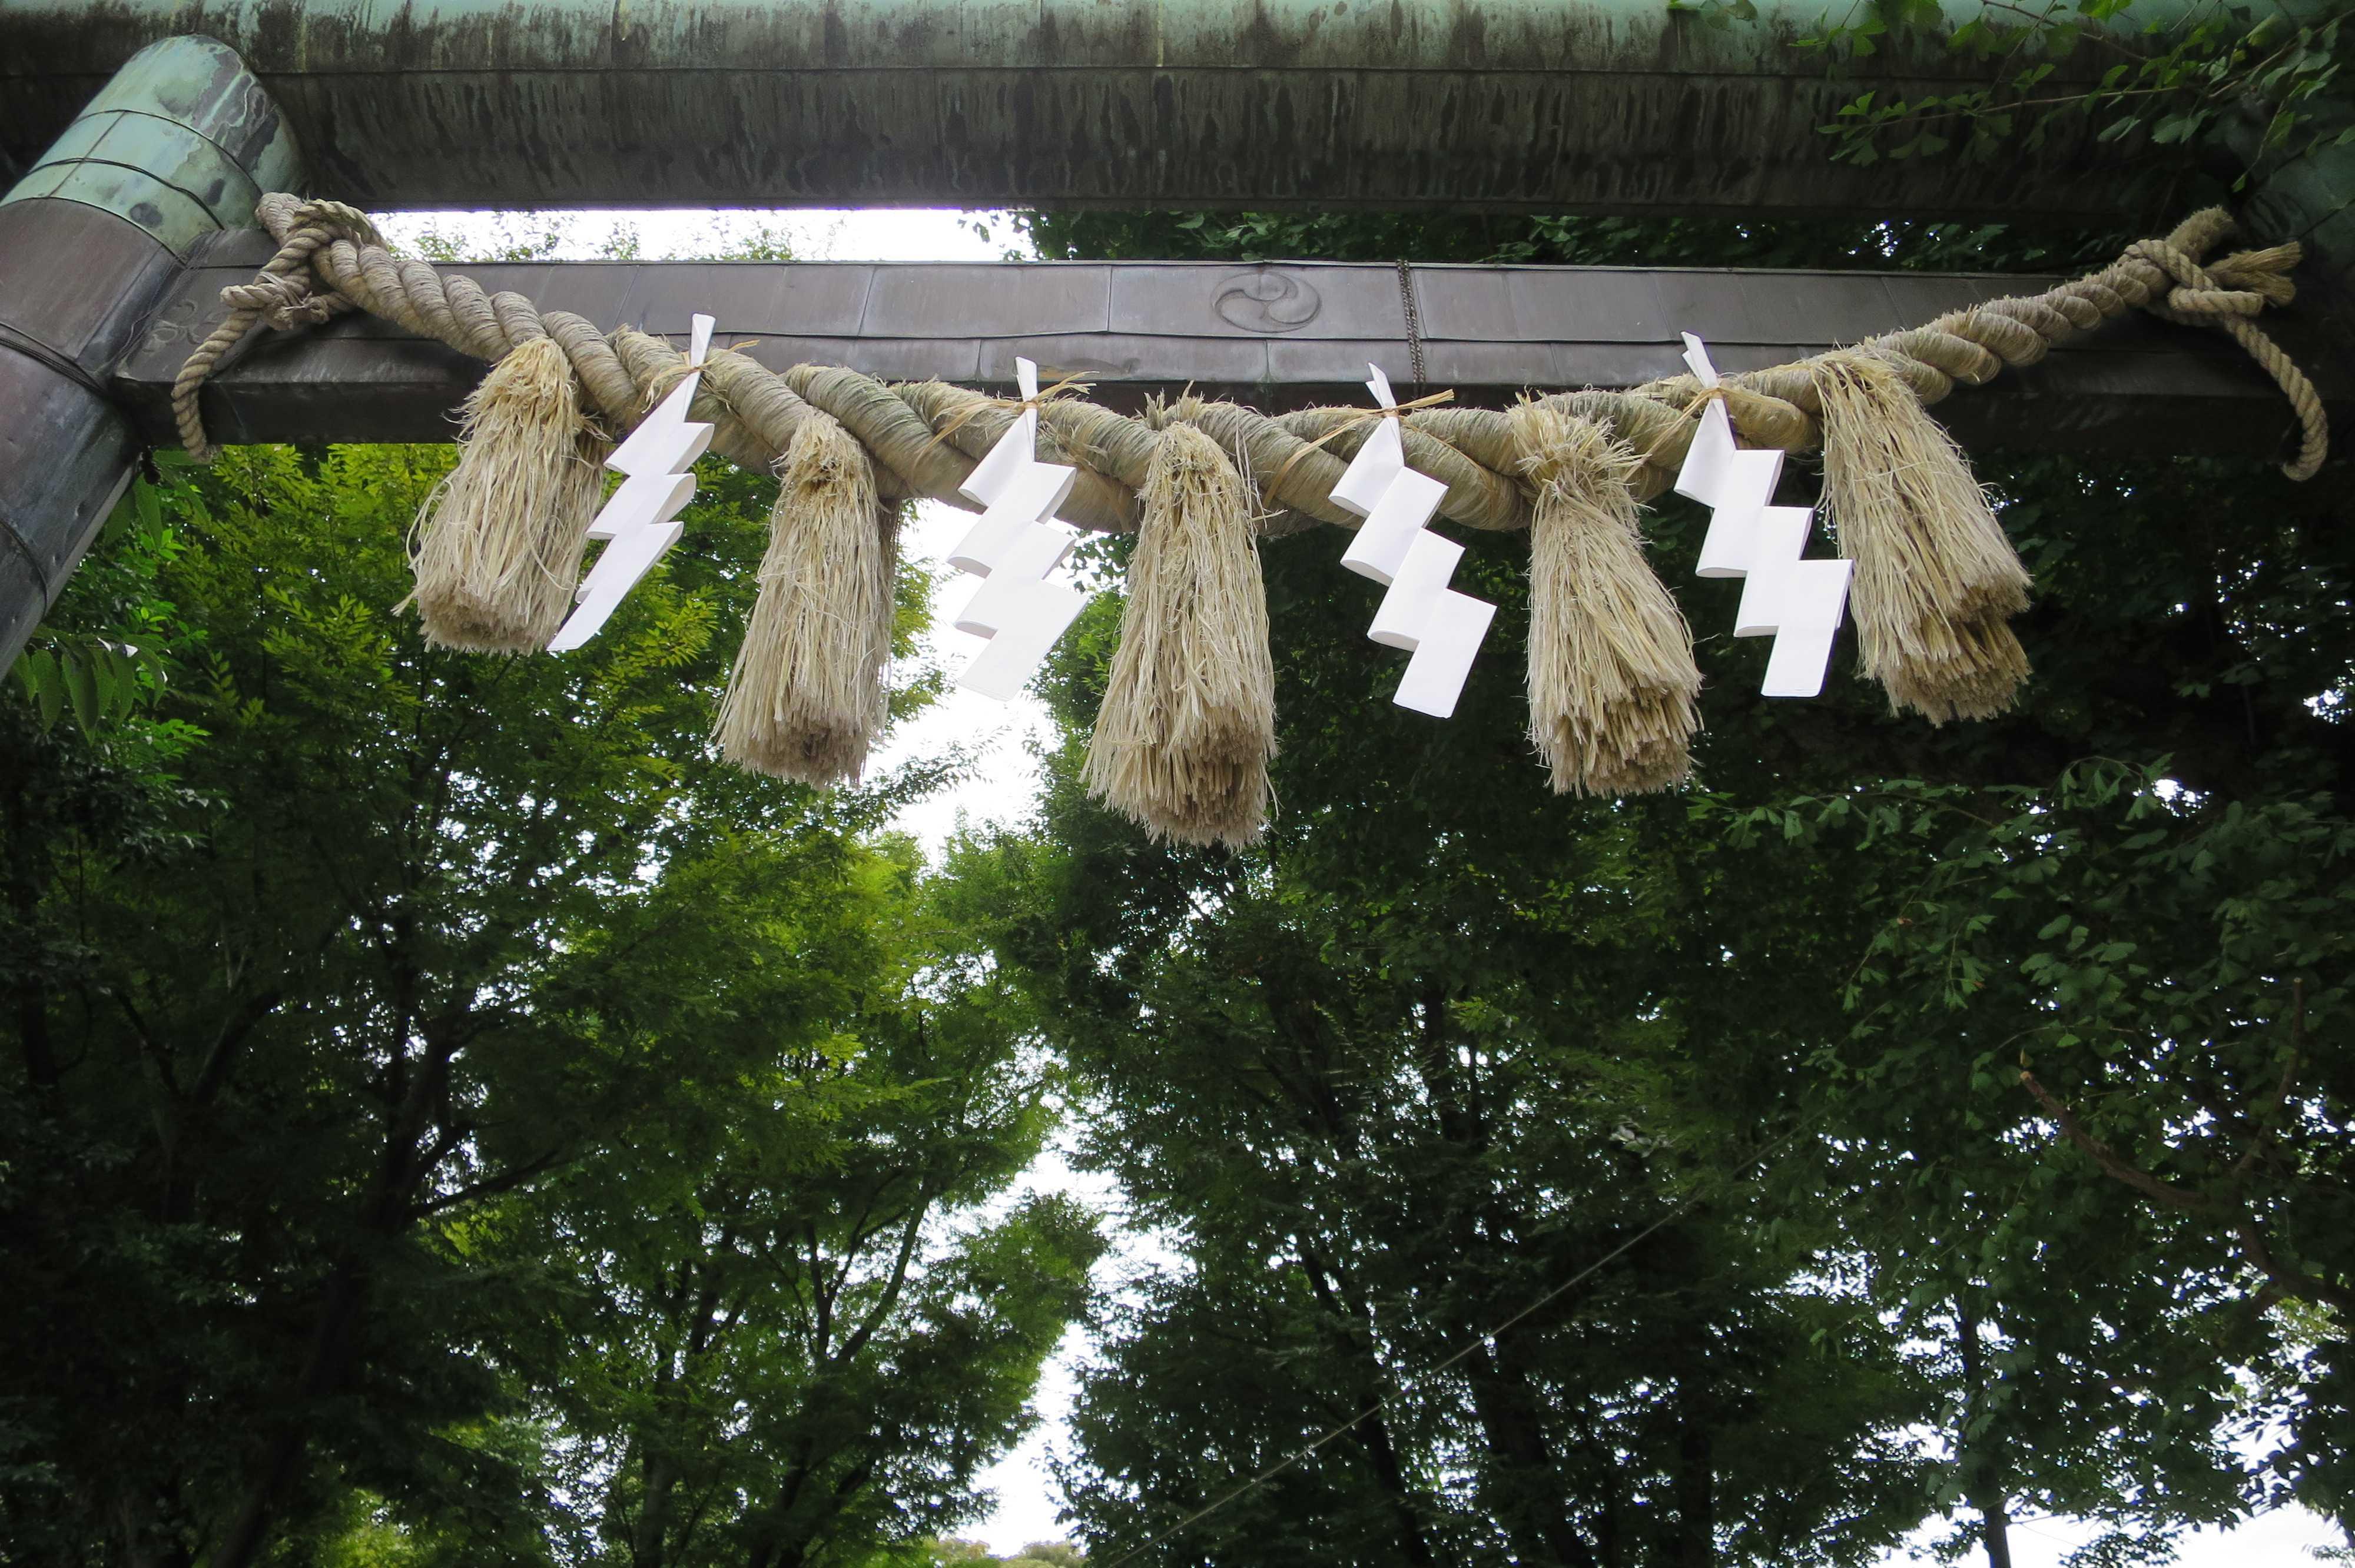 蛇窪大明神(上神明天祖神社)の鳥居の注連縄